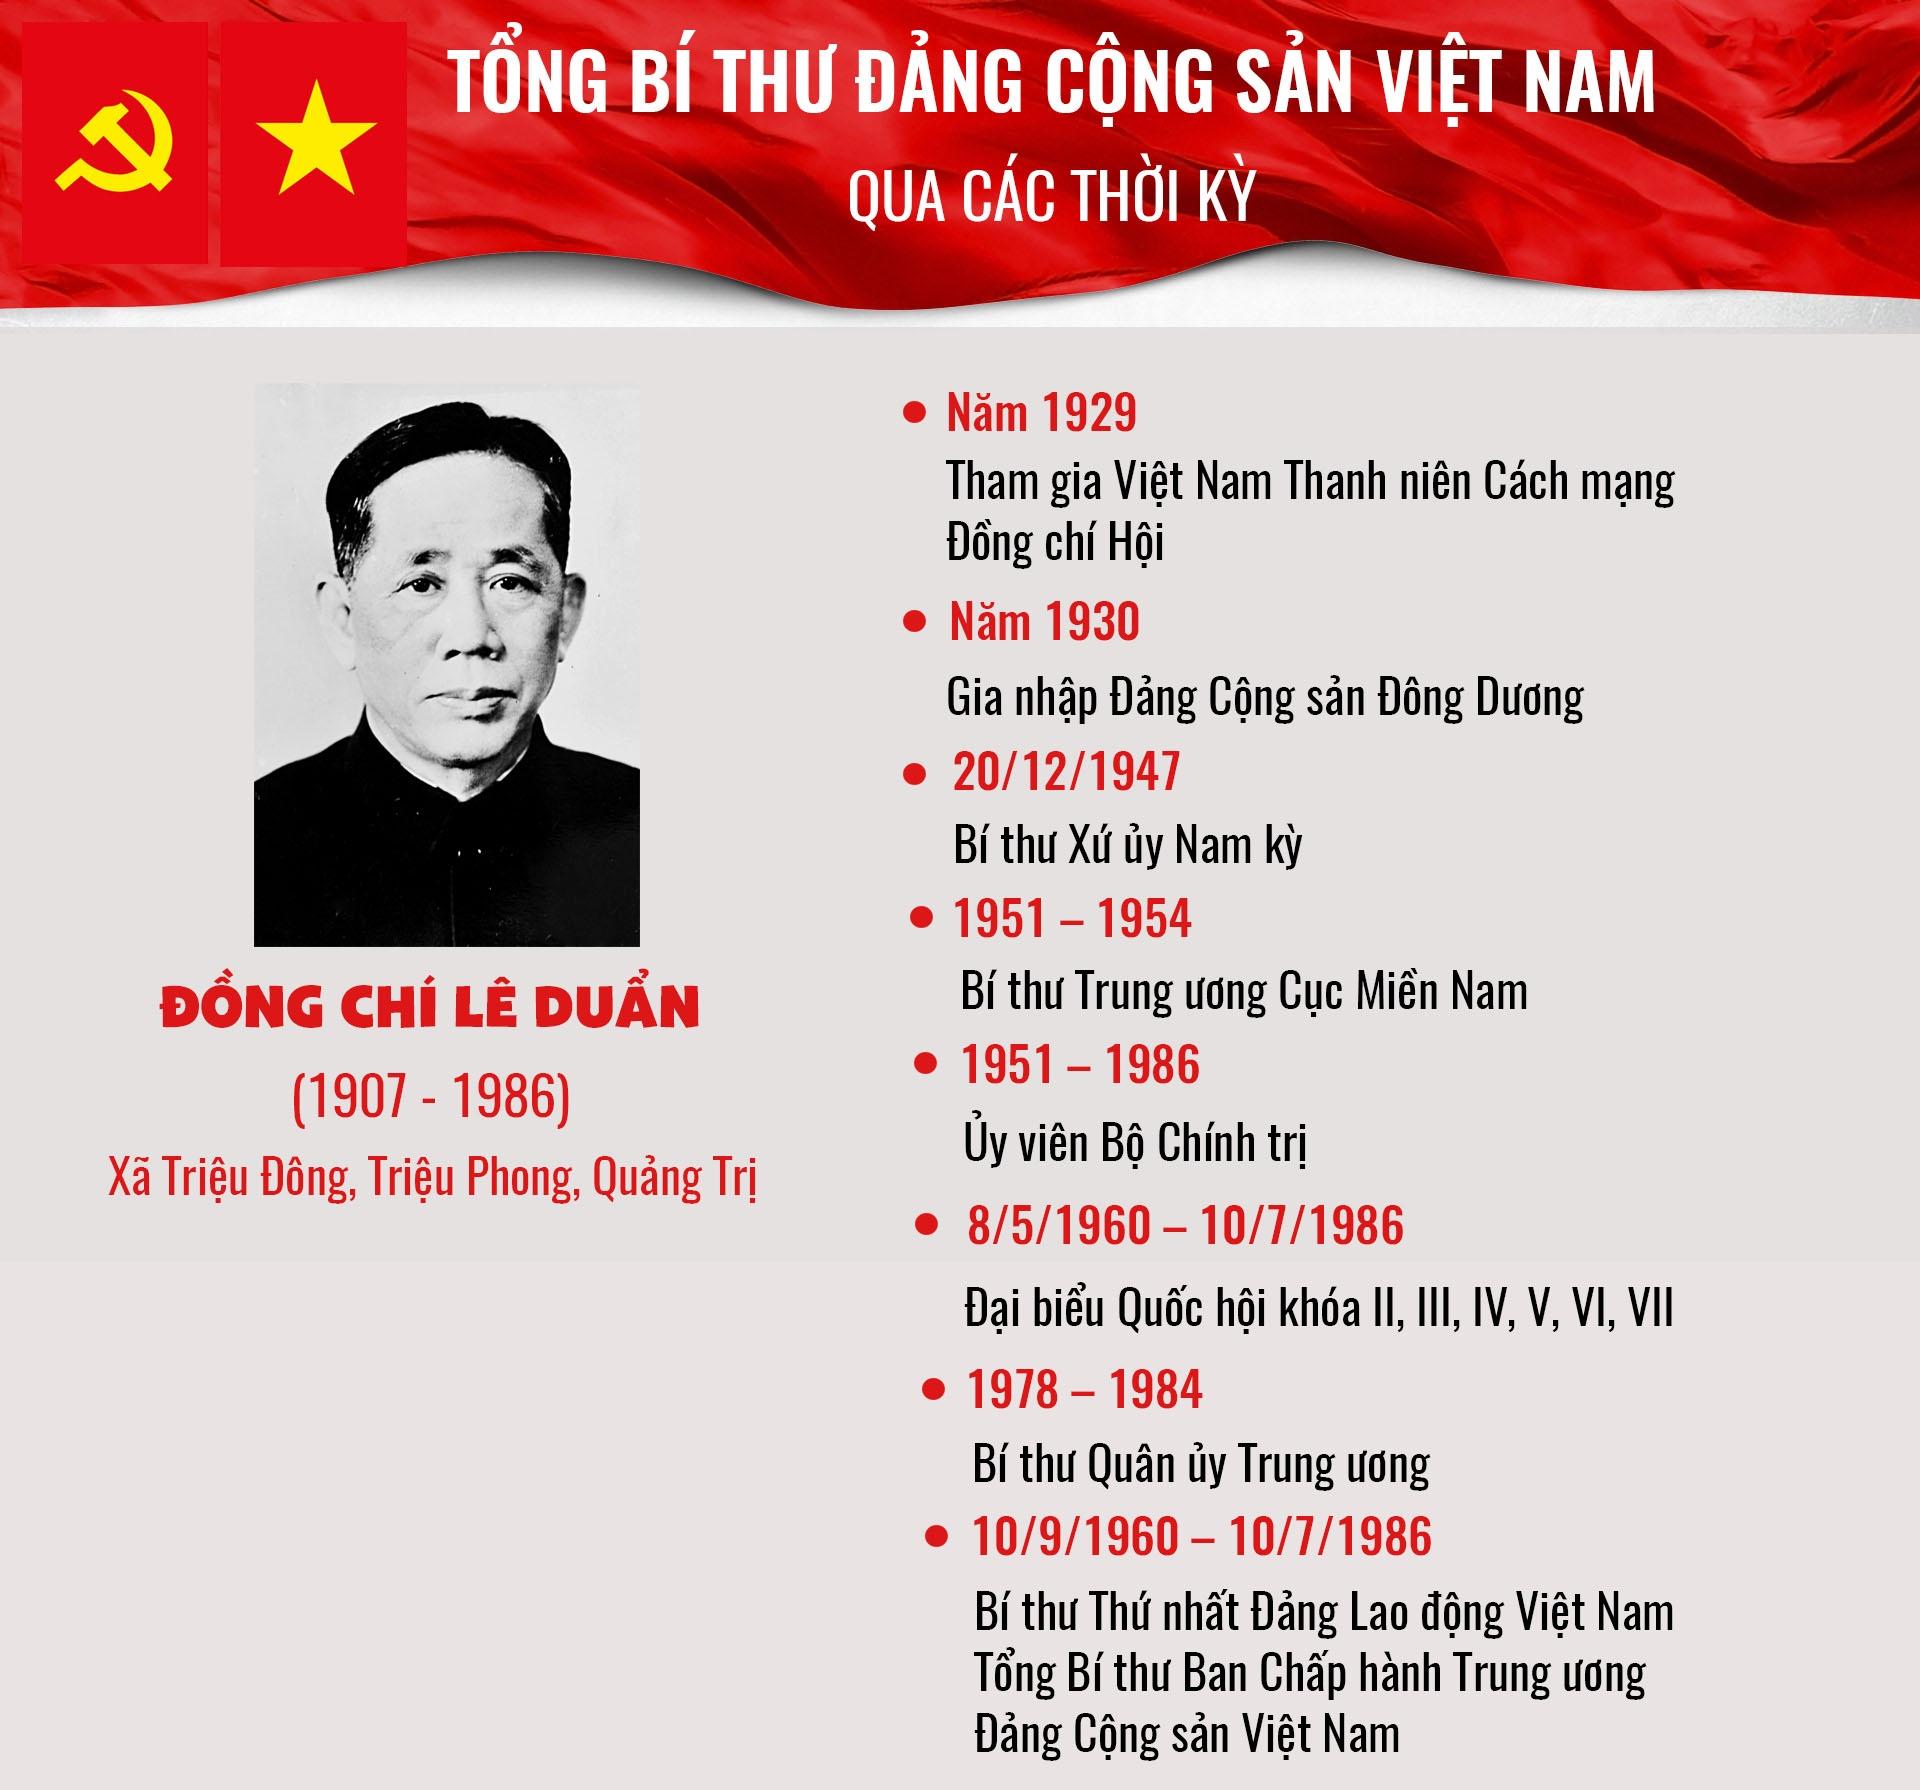 infographic tong bi thu dang cong san viet nam qua cac thoi ky